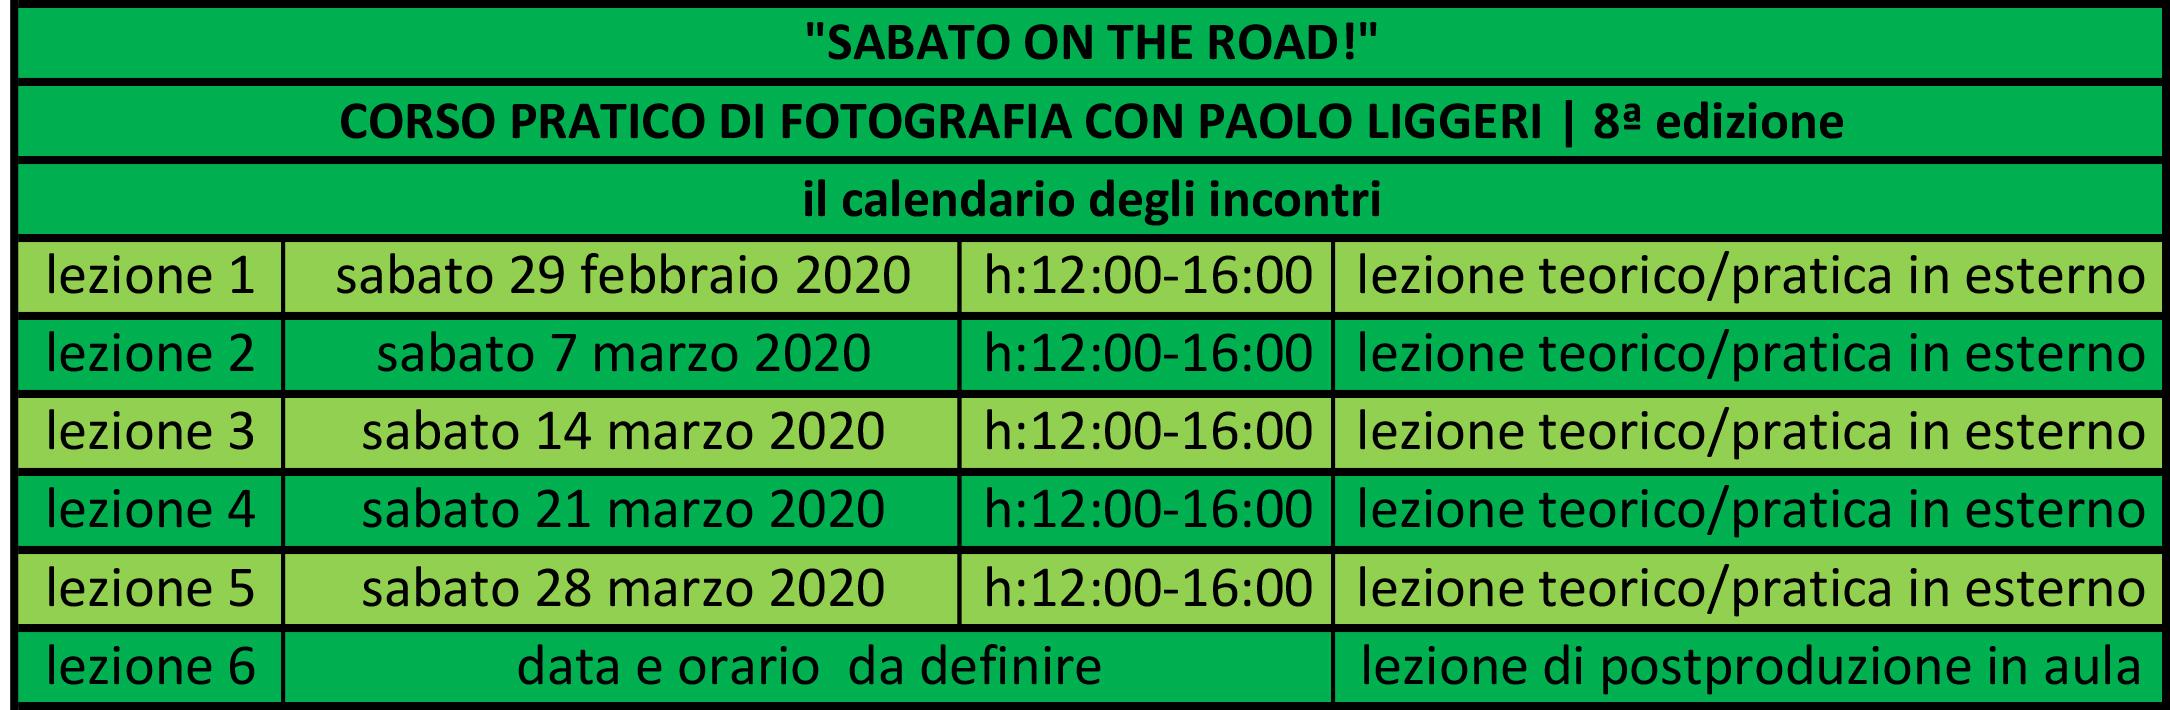 calendario incontri corso SABATO ON THE ROAD edizione n°7